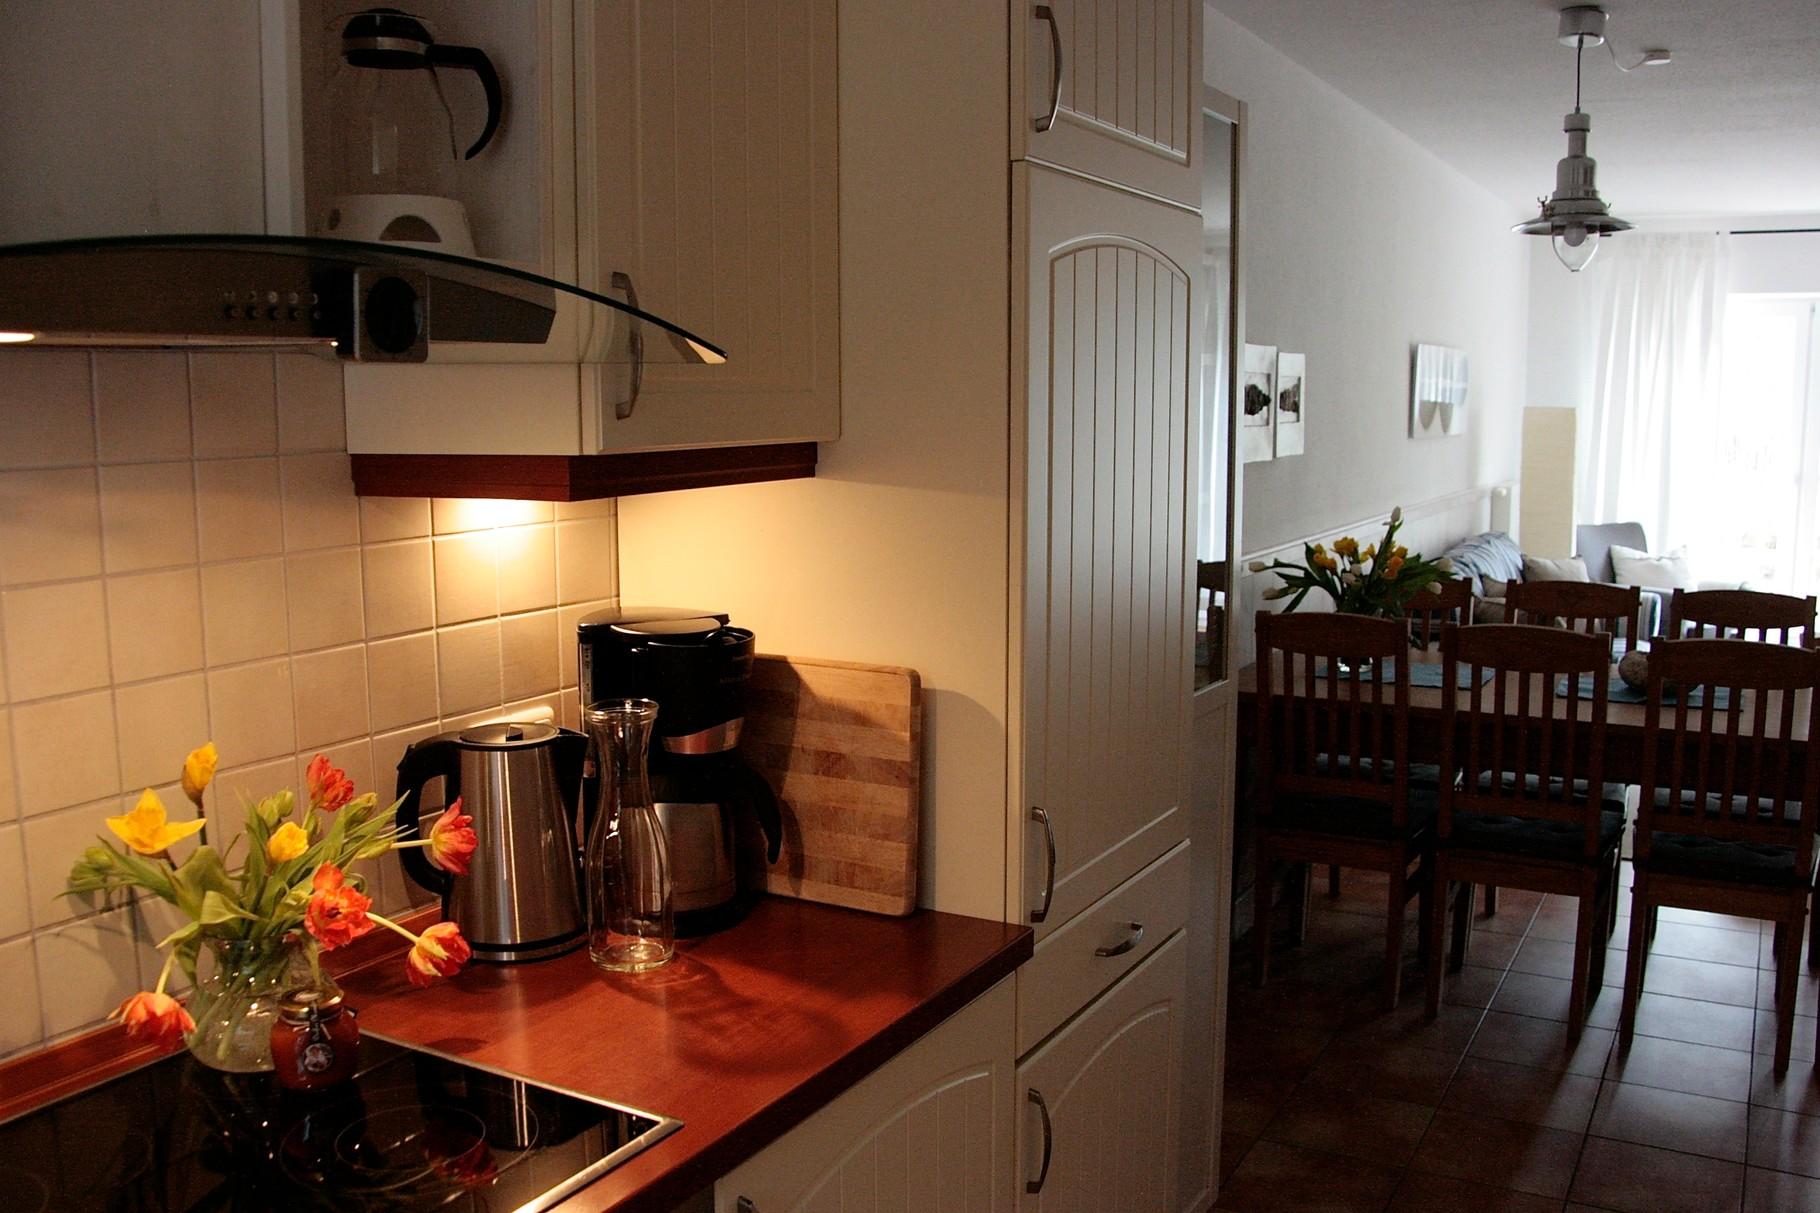 Küche auch mit Spülmaschine und WaschTrockner